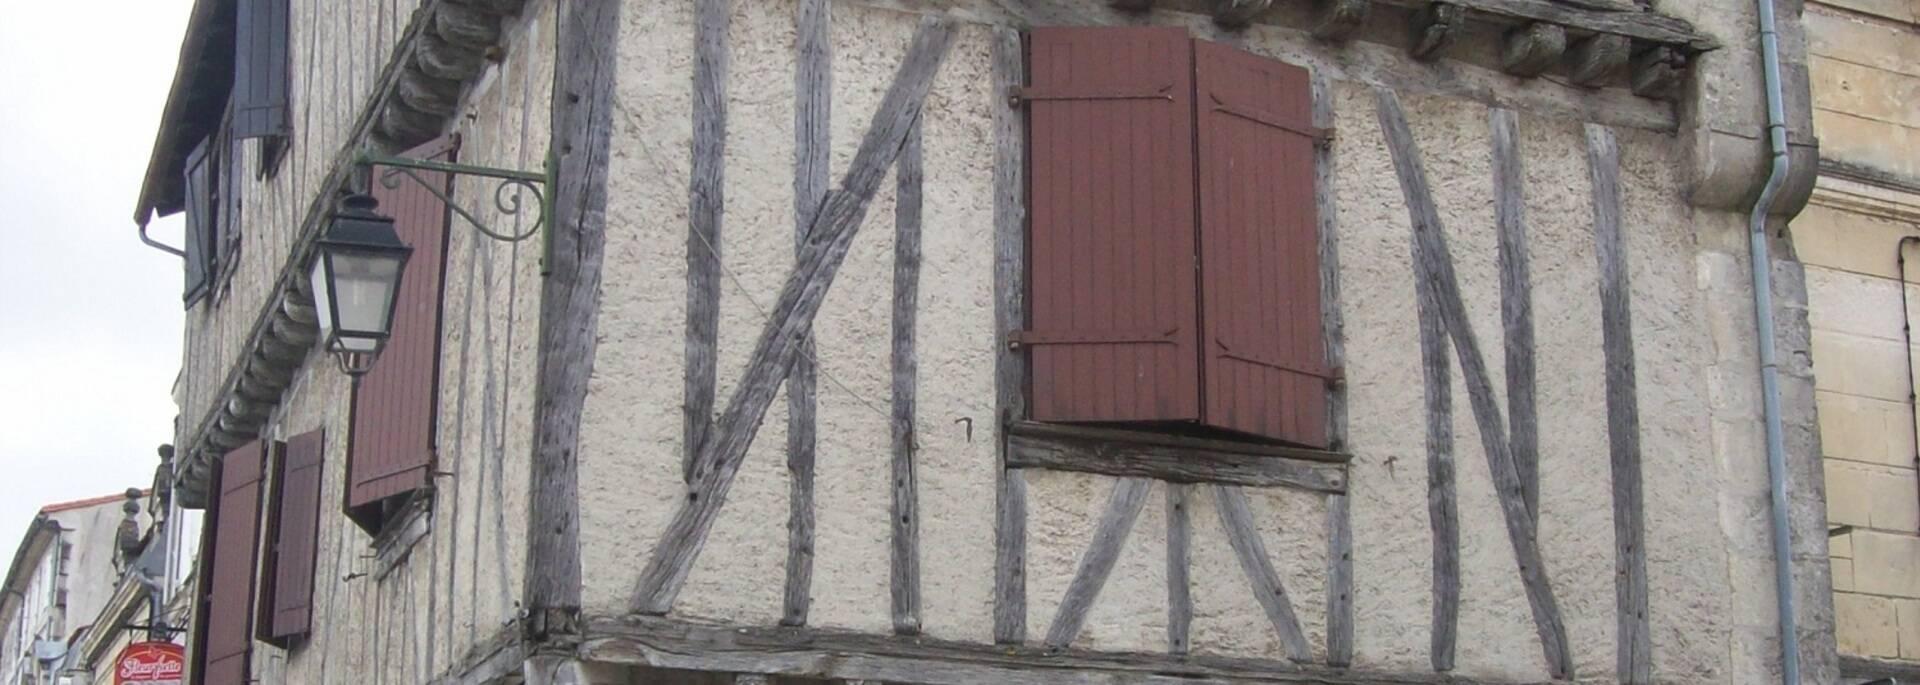 Maison médiévale à Saint-Jean d'Angély - ©Camping Val de Boutonne